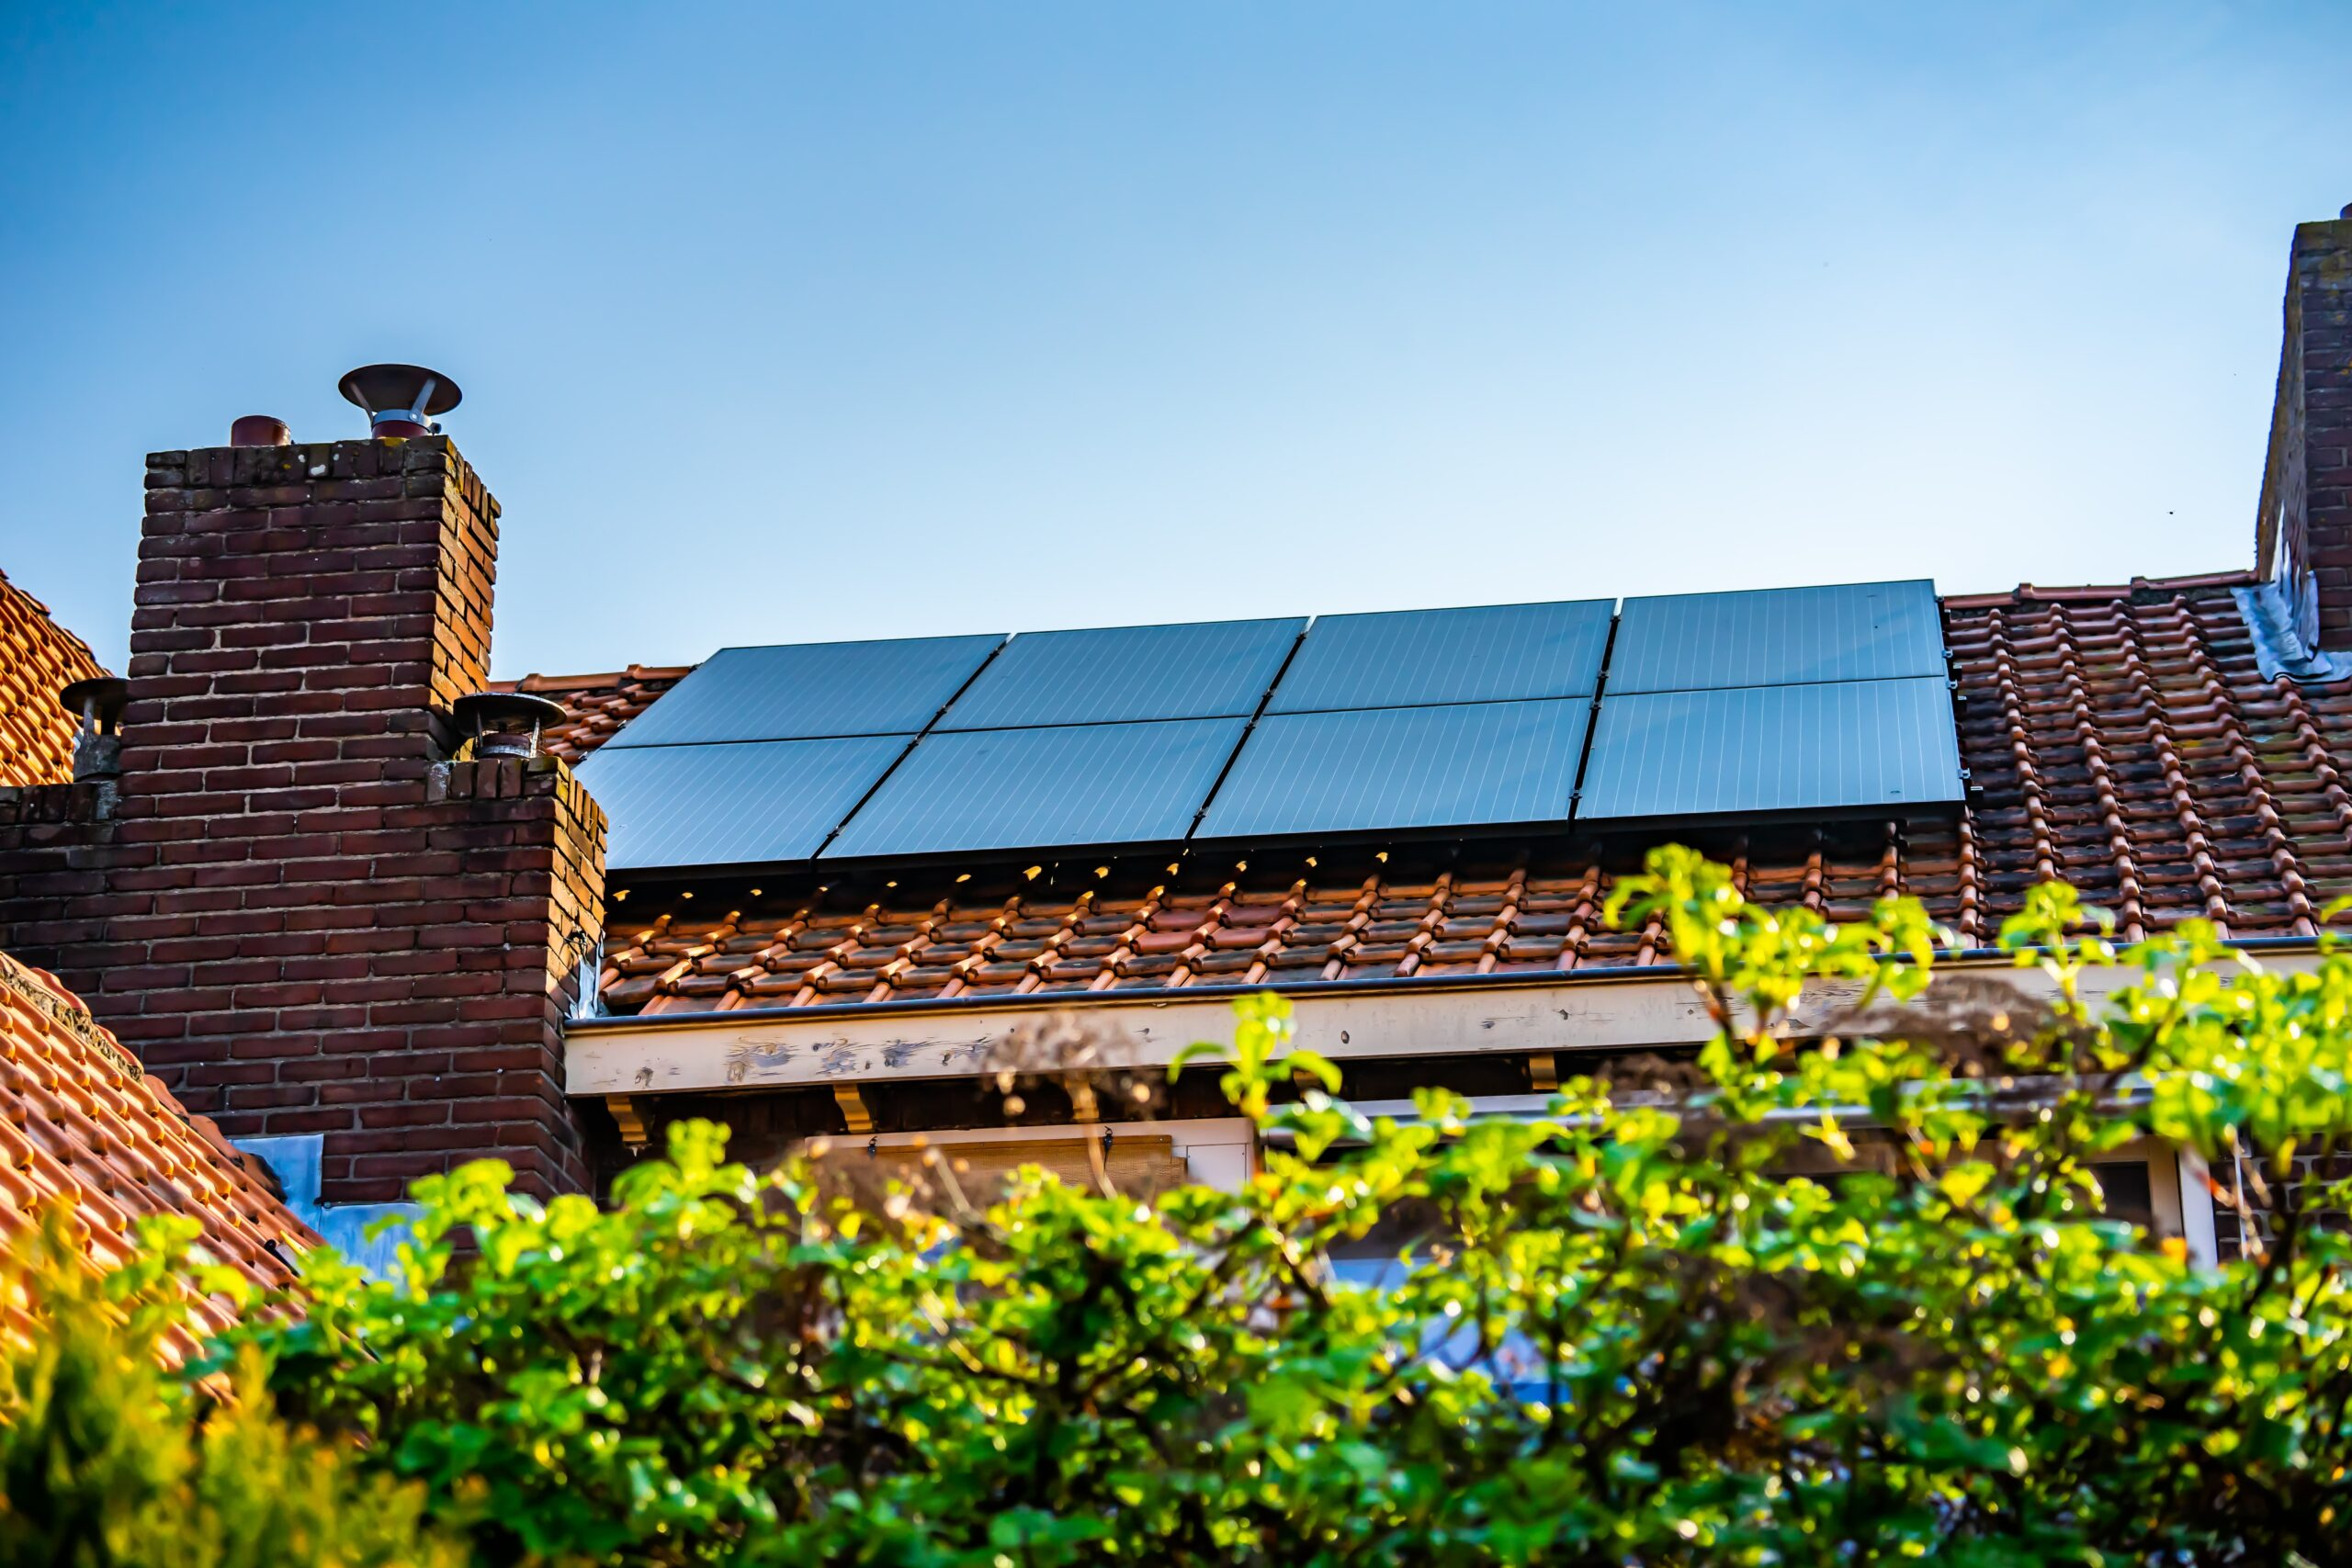 Photovoltaïque 2021: Aperçu des futurs changements législatifs